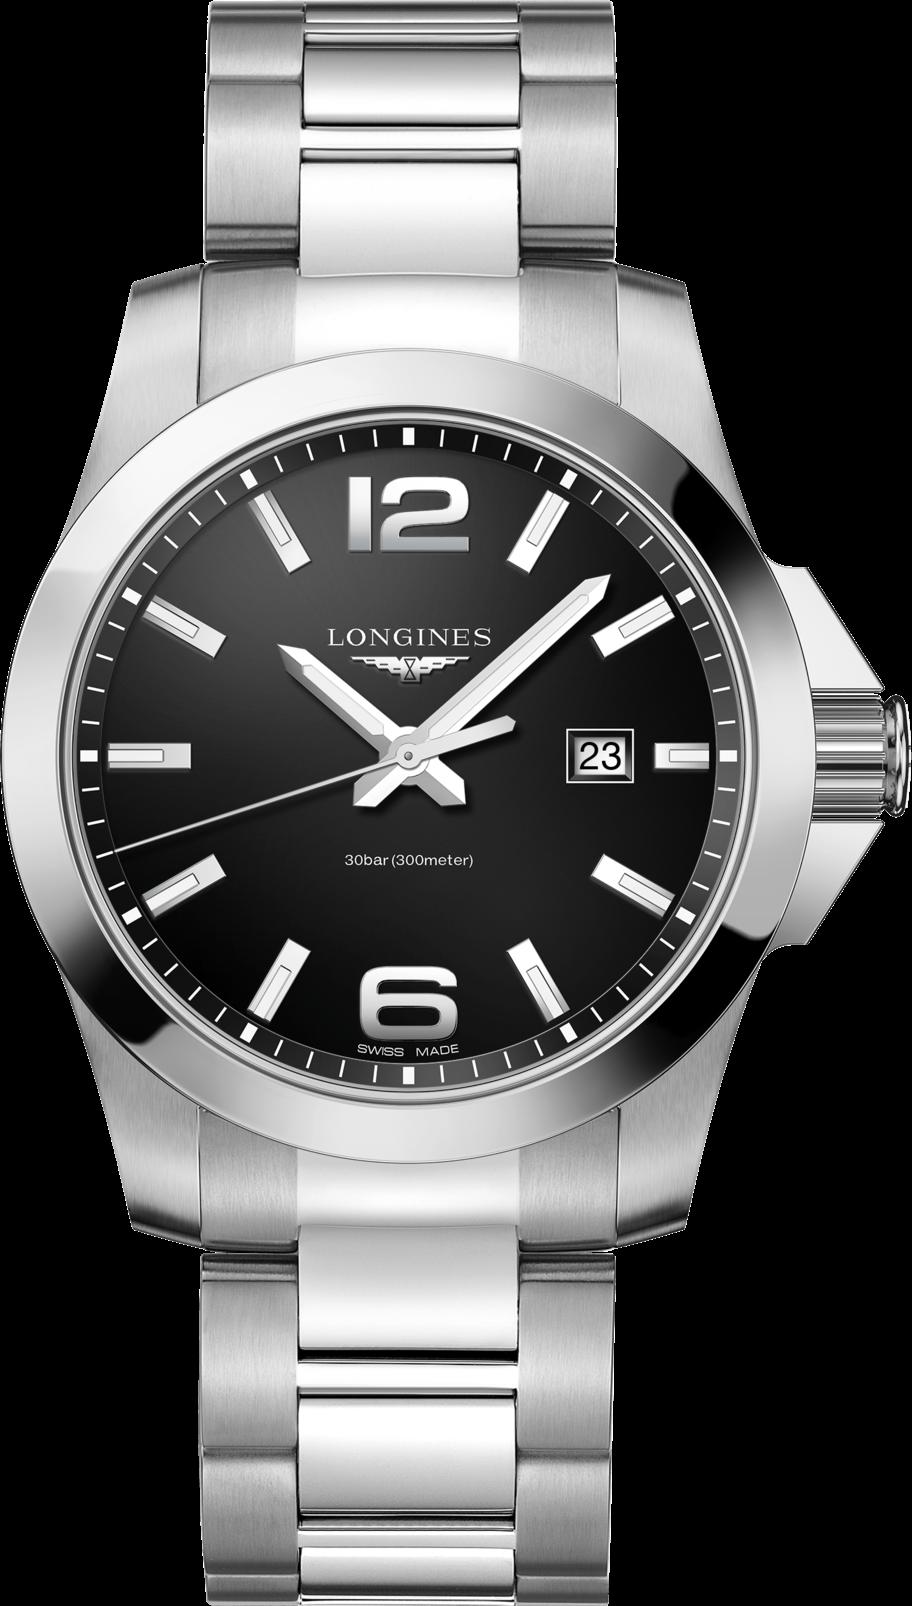 Longines óra | megbízható, nagy nívójú svájci luxuskarórák